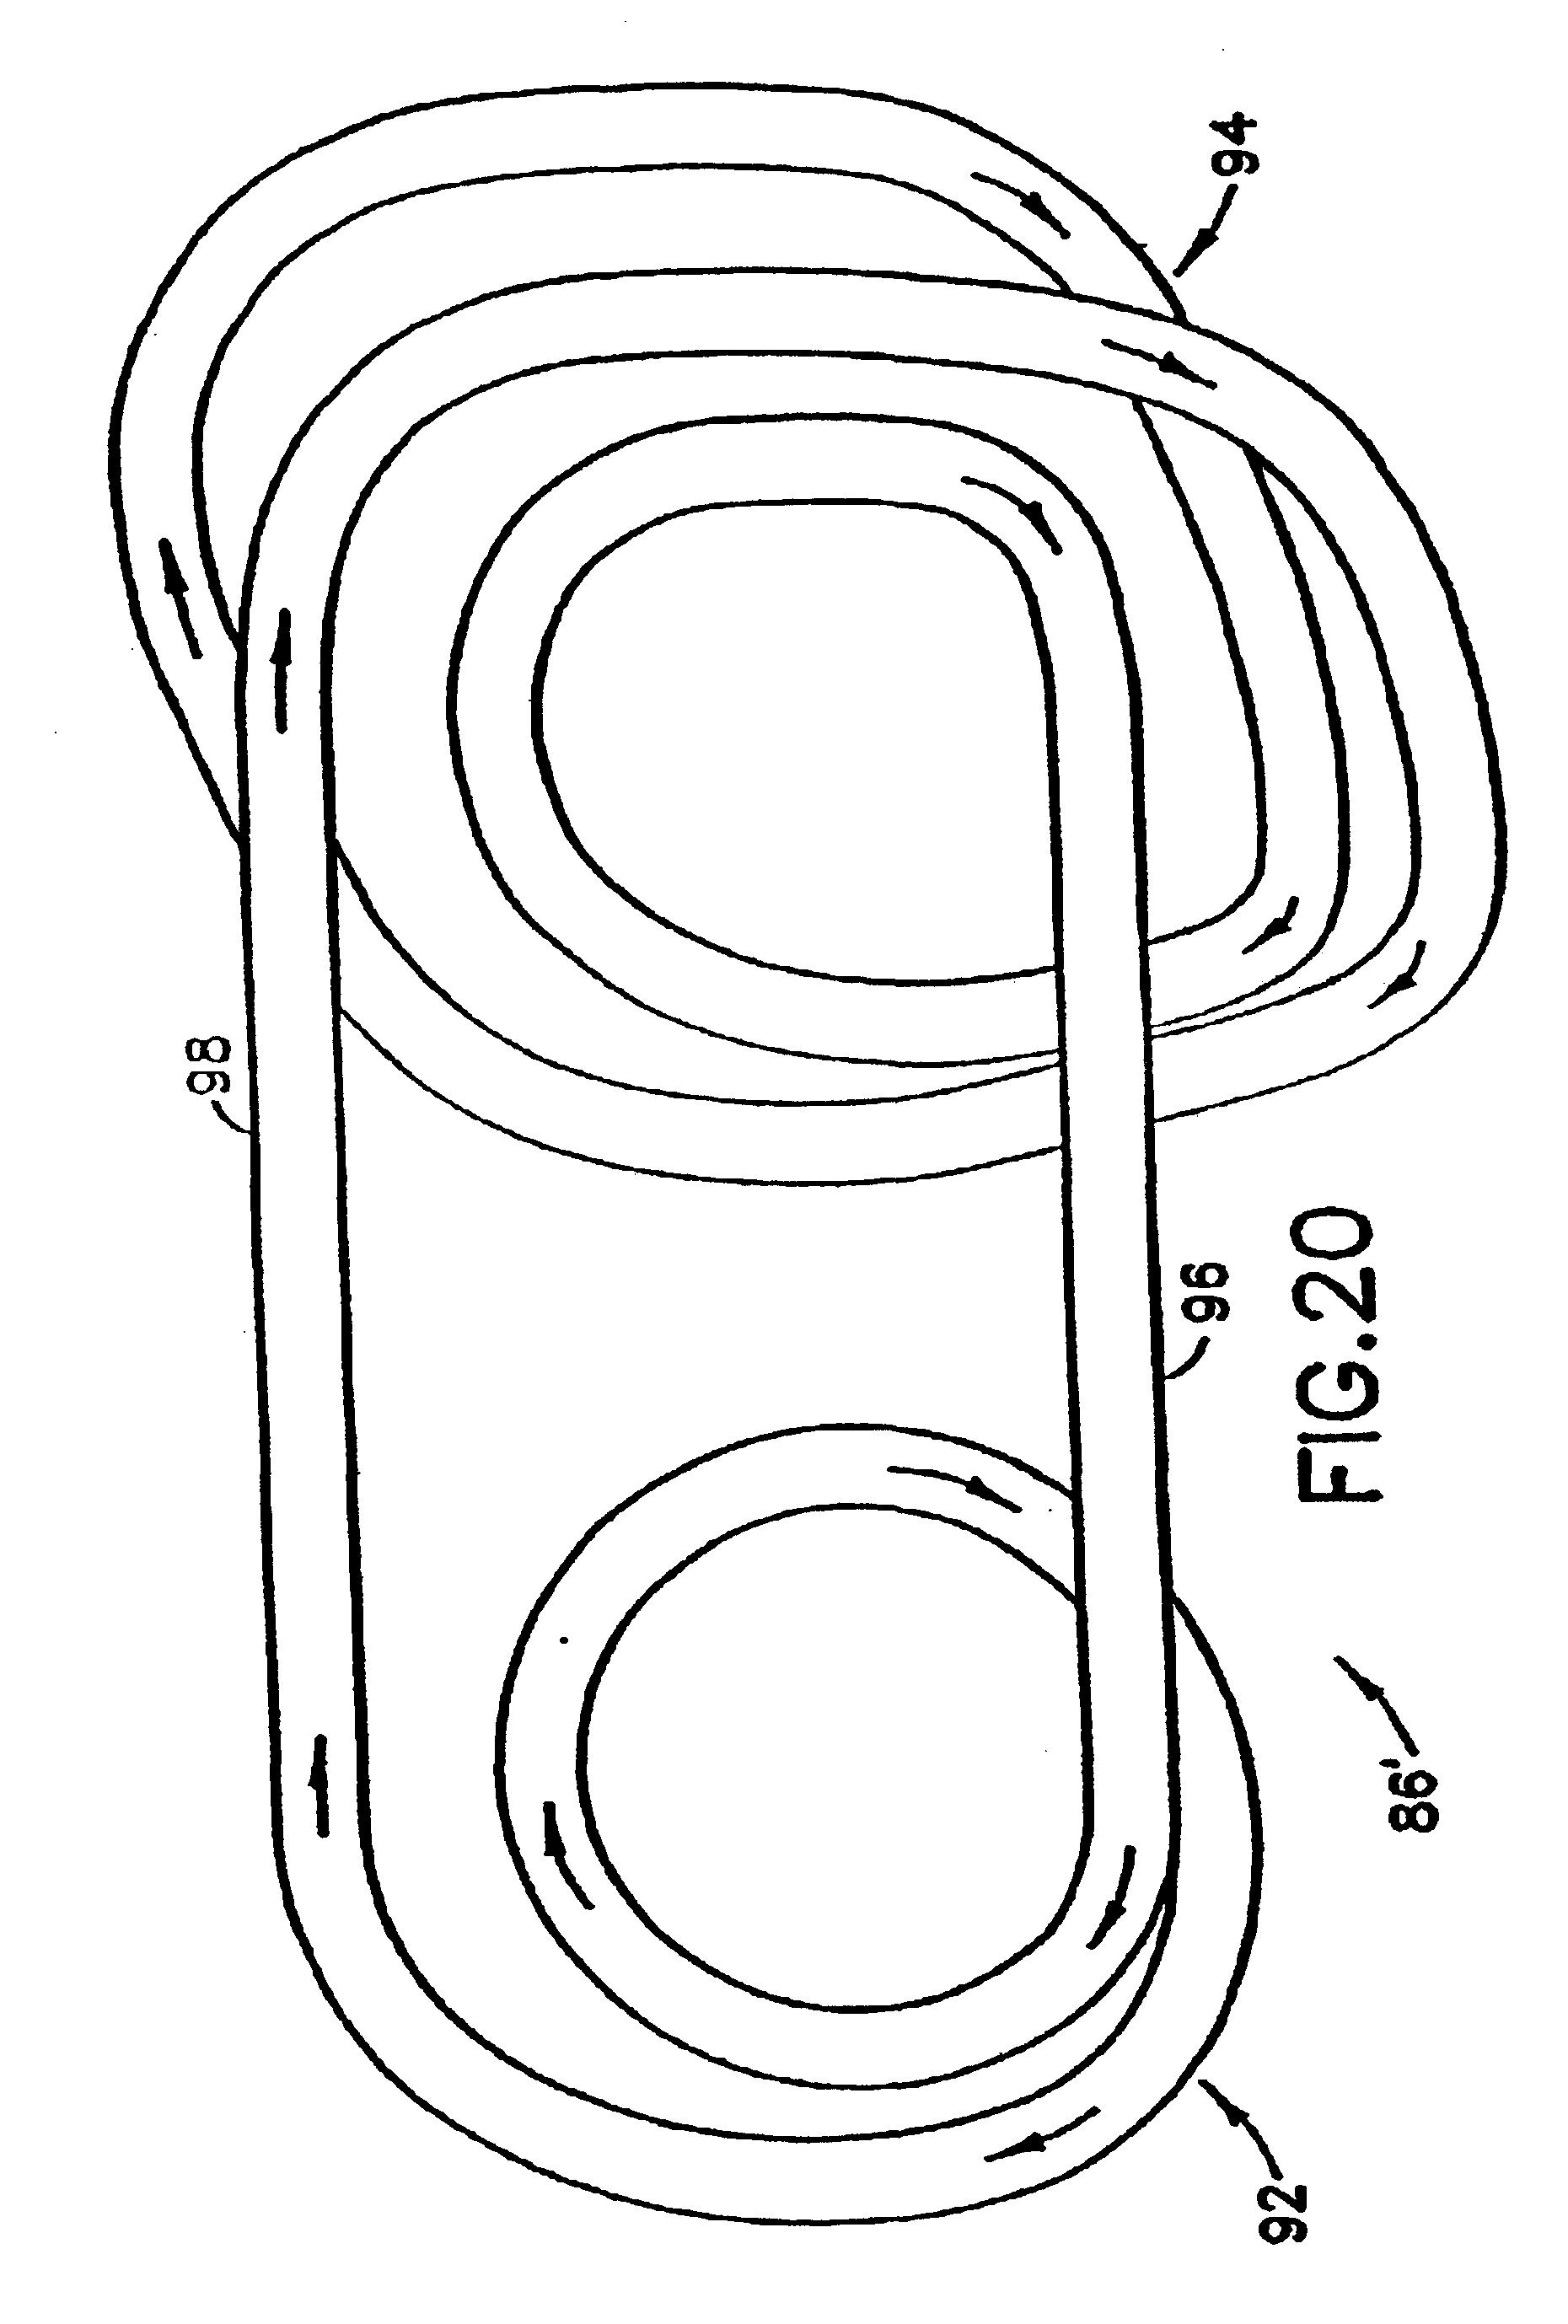 scott 1642h mower wiring diagram scott u0026 39 s mower wiring